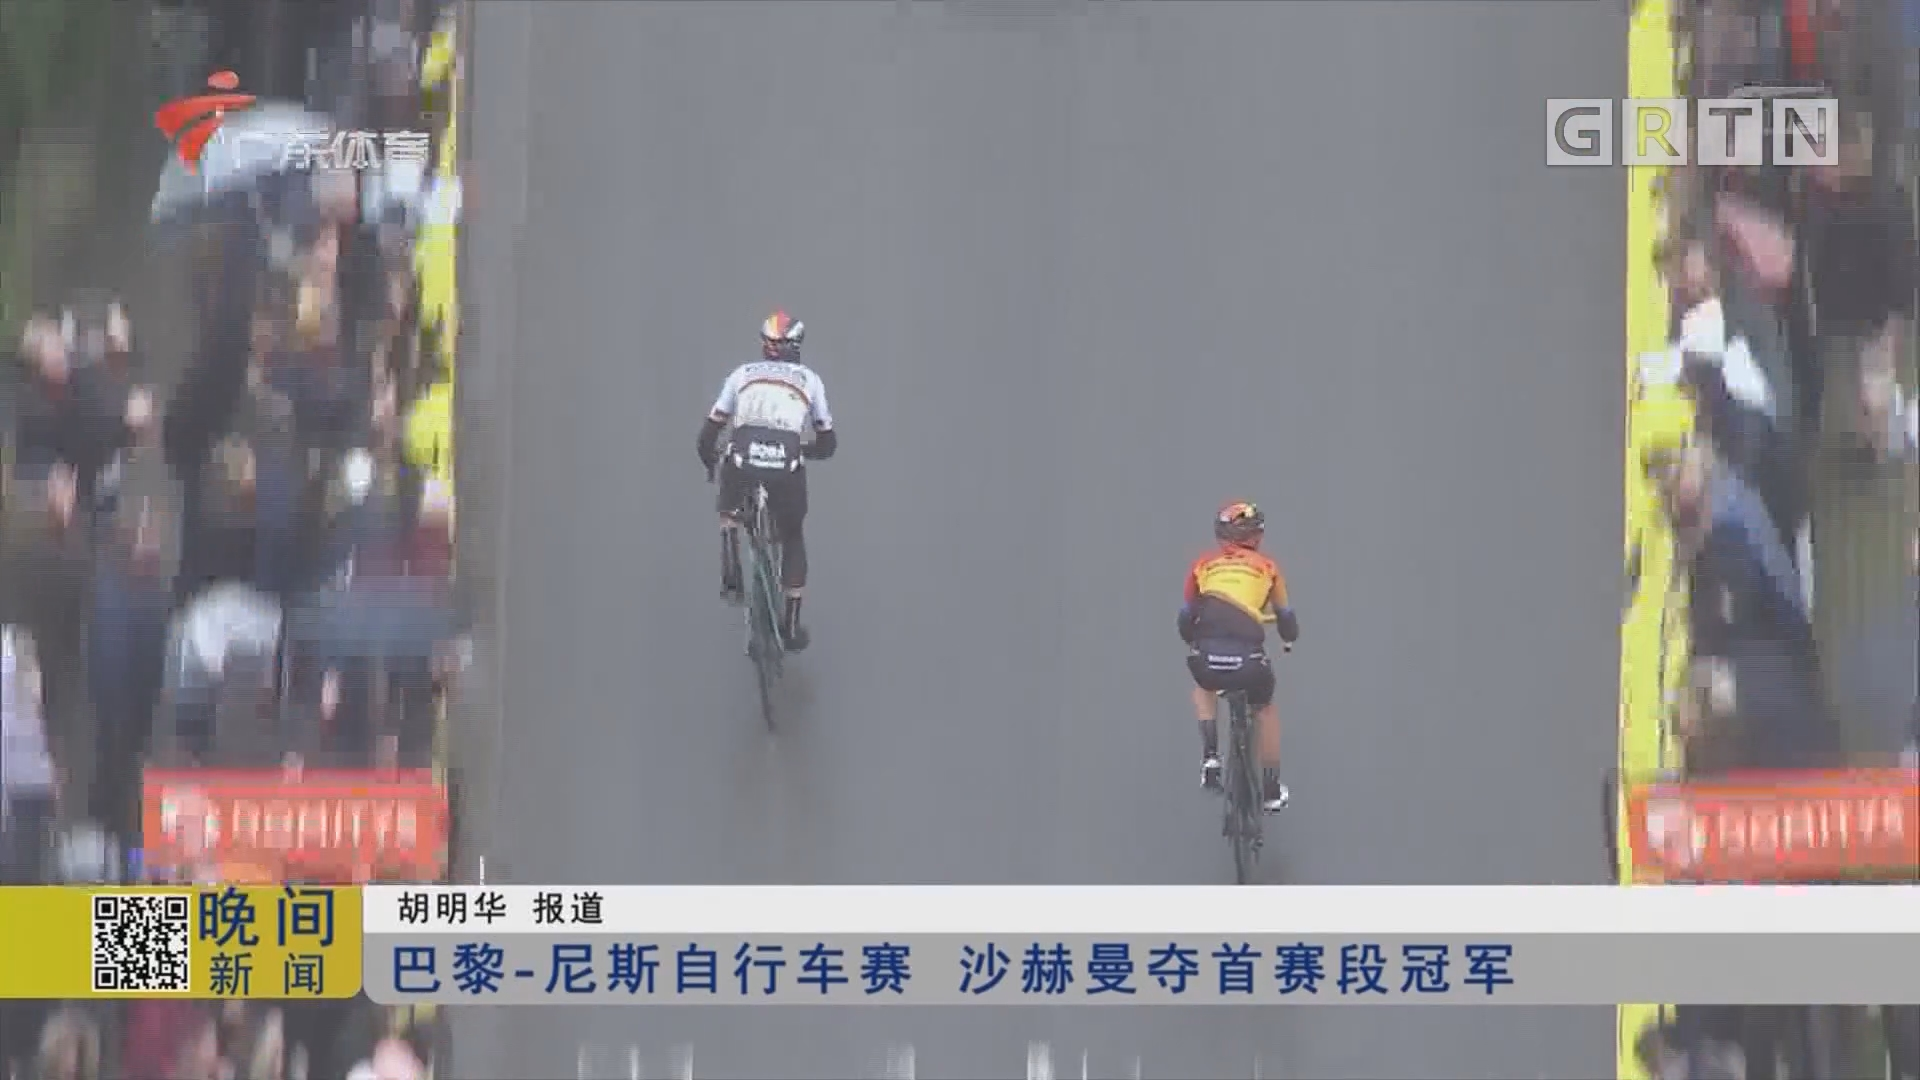 巴黎-尼斯自行车赛 沙赫曼夺首赛段冠军